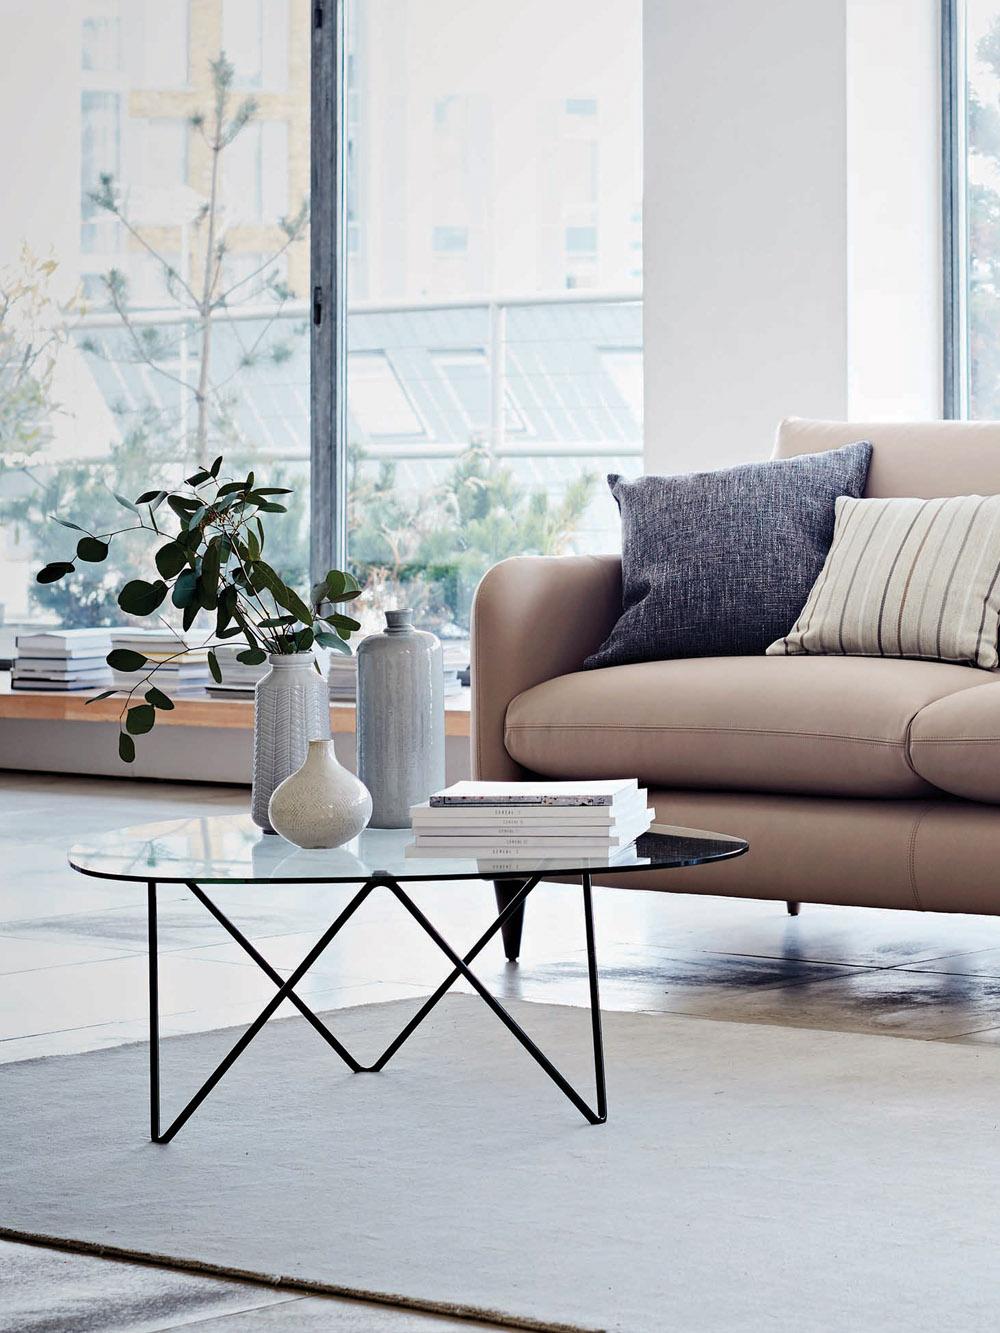 Georgia sofa | The Lounge Co